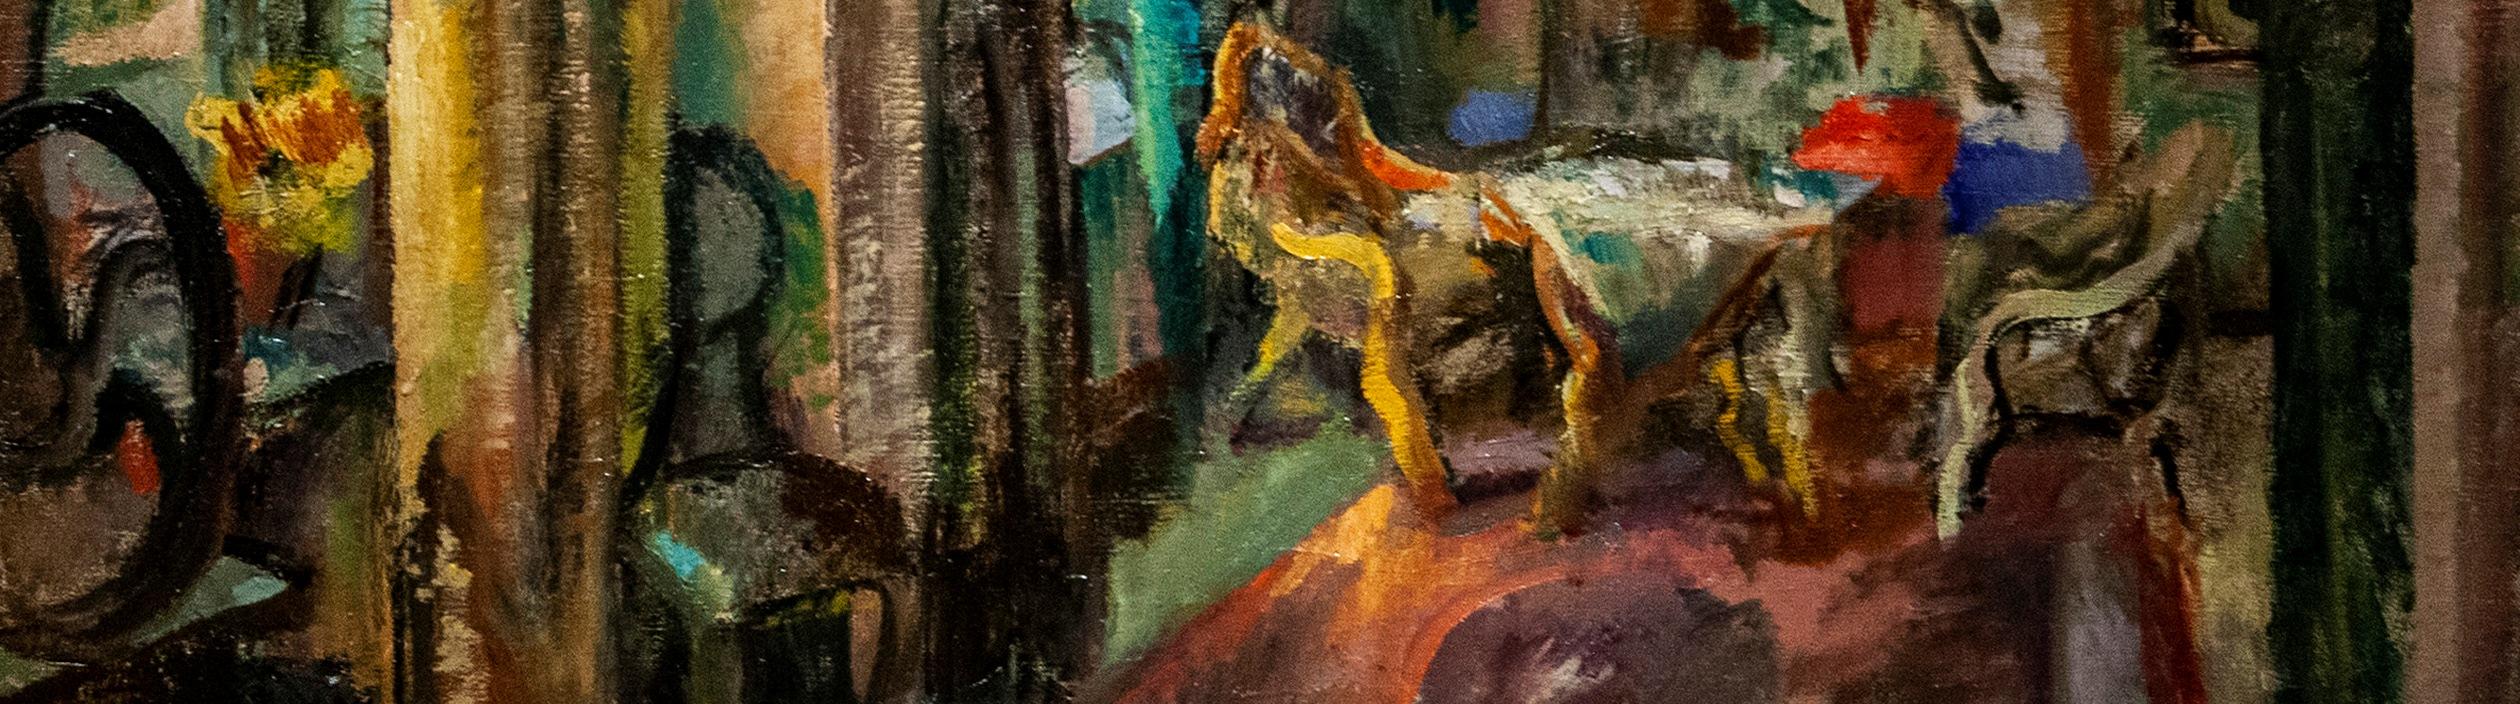 Yksityiskohta Eemu Myntin teoksesta Taiteilijan ateljee